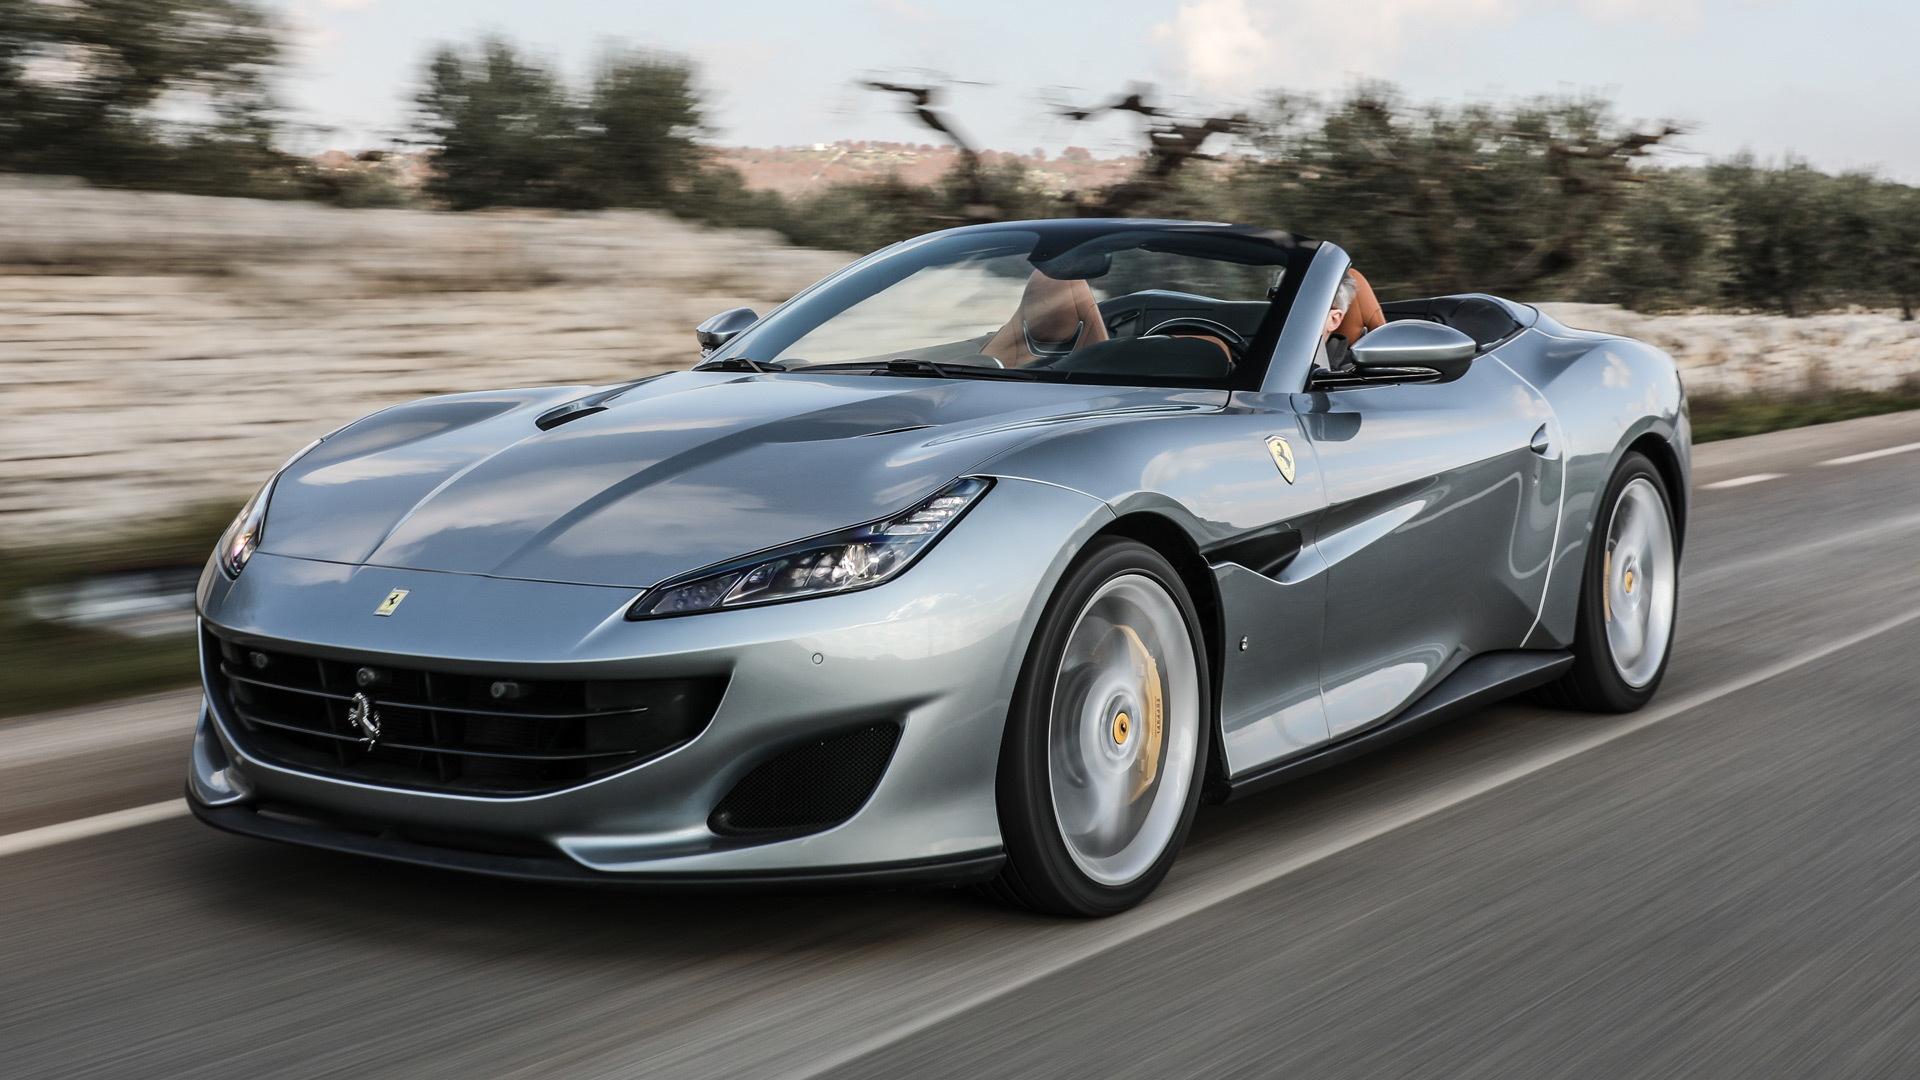 2019 Ferrari Portofino Preview